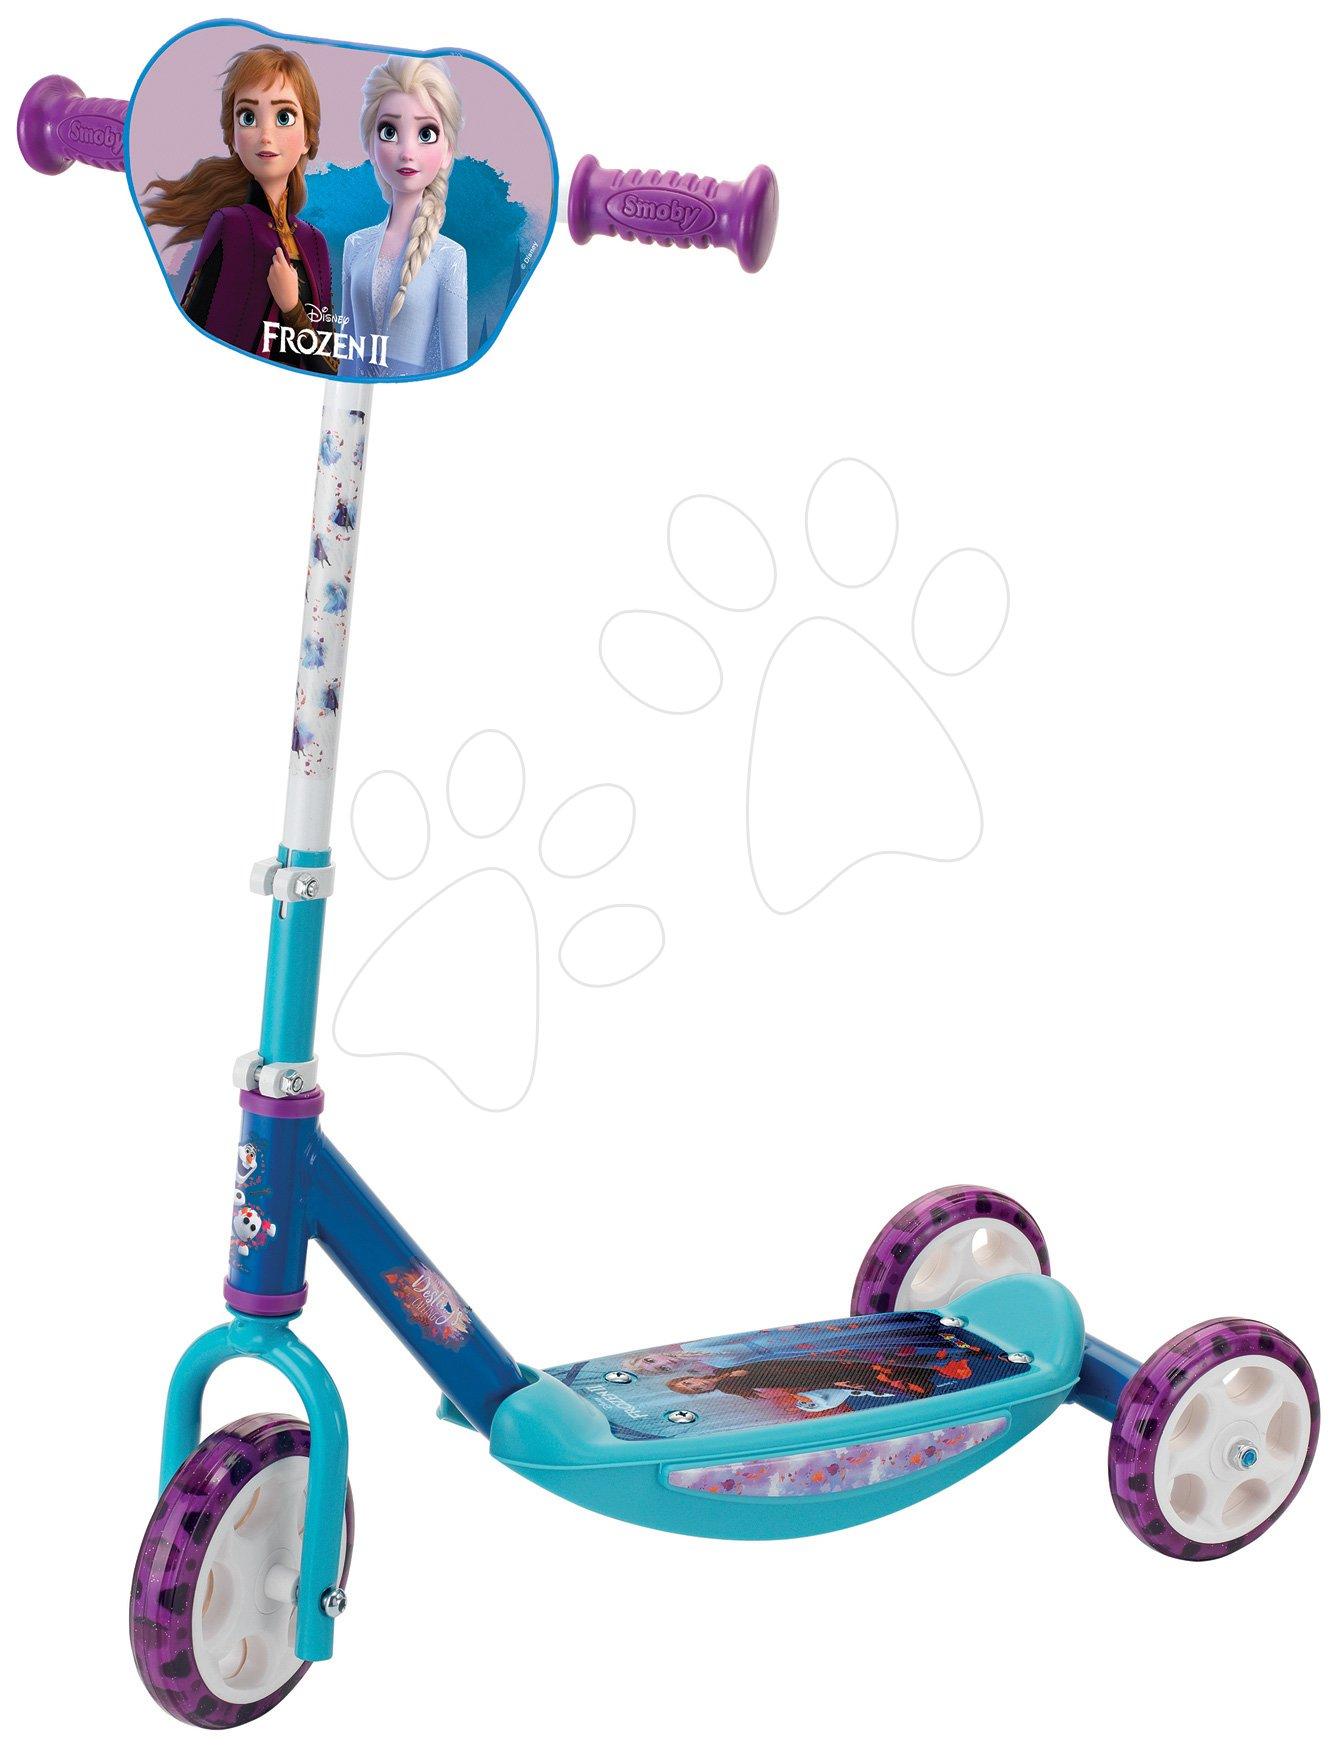 Trotinetă cu trei roți Frozen 2 Disney Smoby cu mâner reglabil, antiderapantă